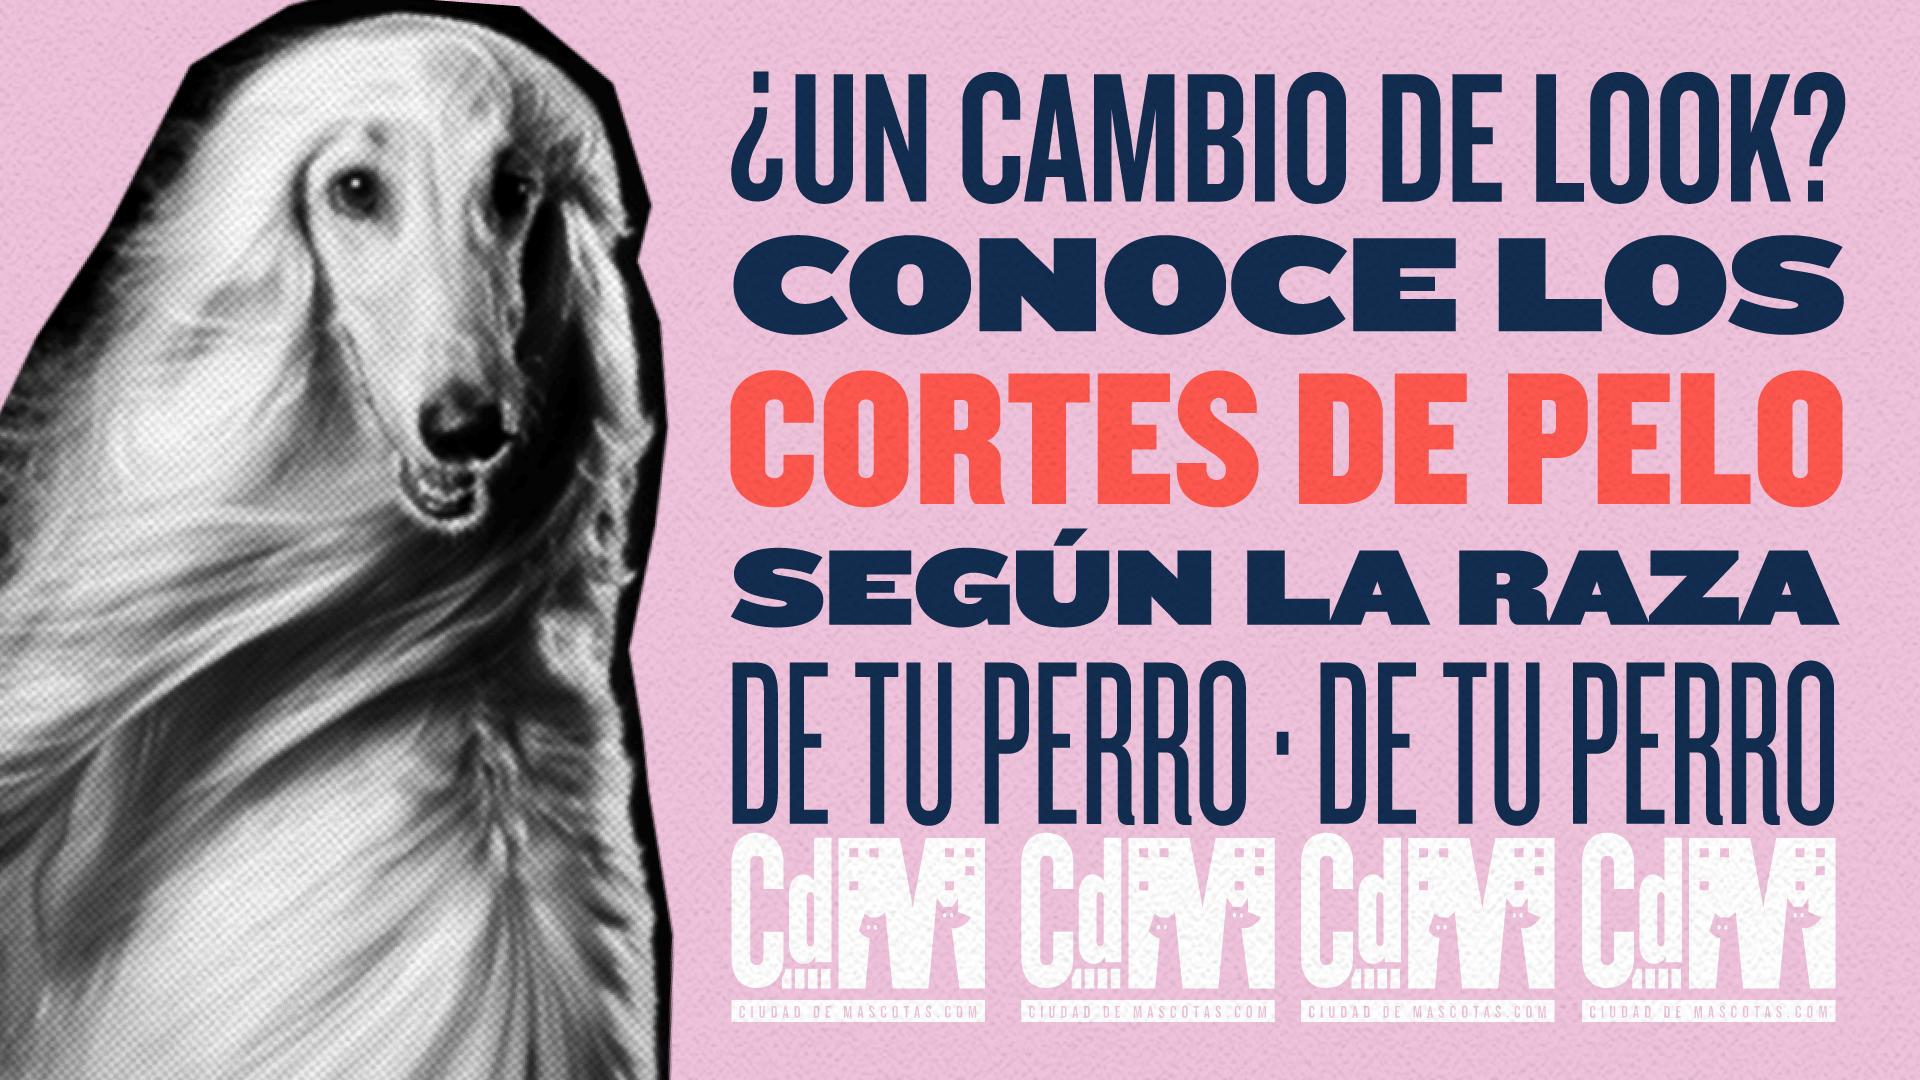 Cortes según la raza de tu perro - Ciudaddemascotas.com